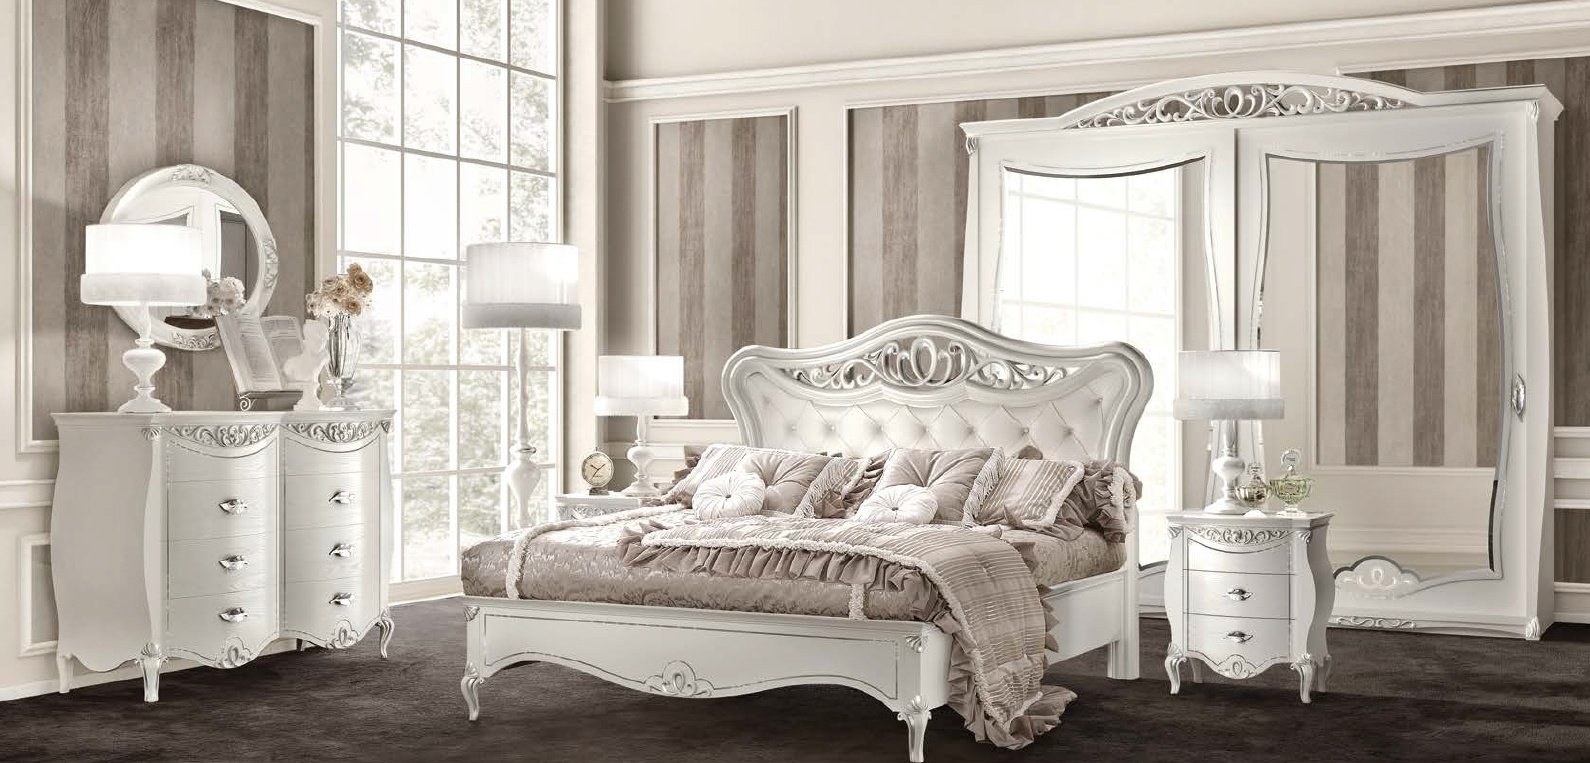 ALCHIMIE спальня 93601